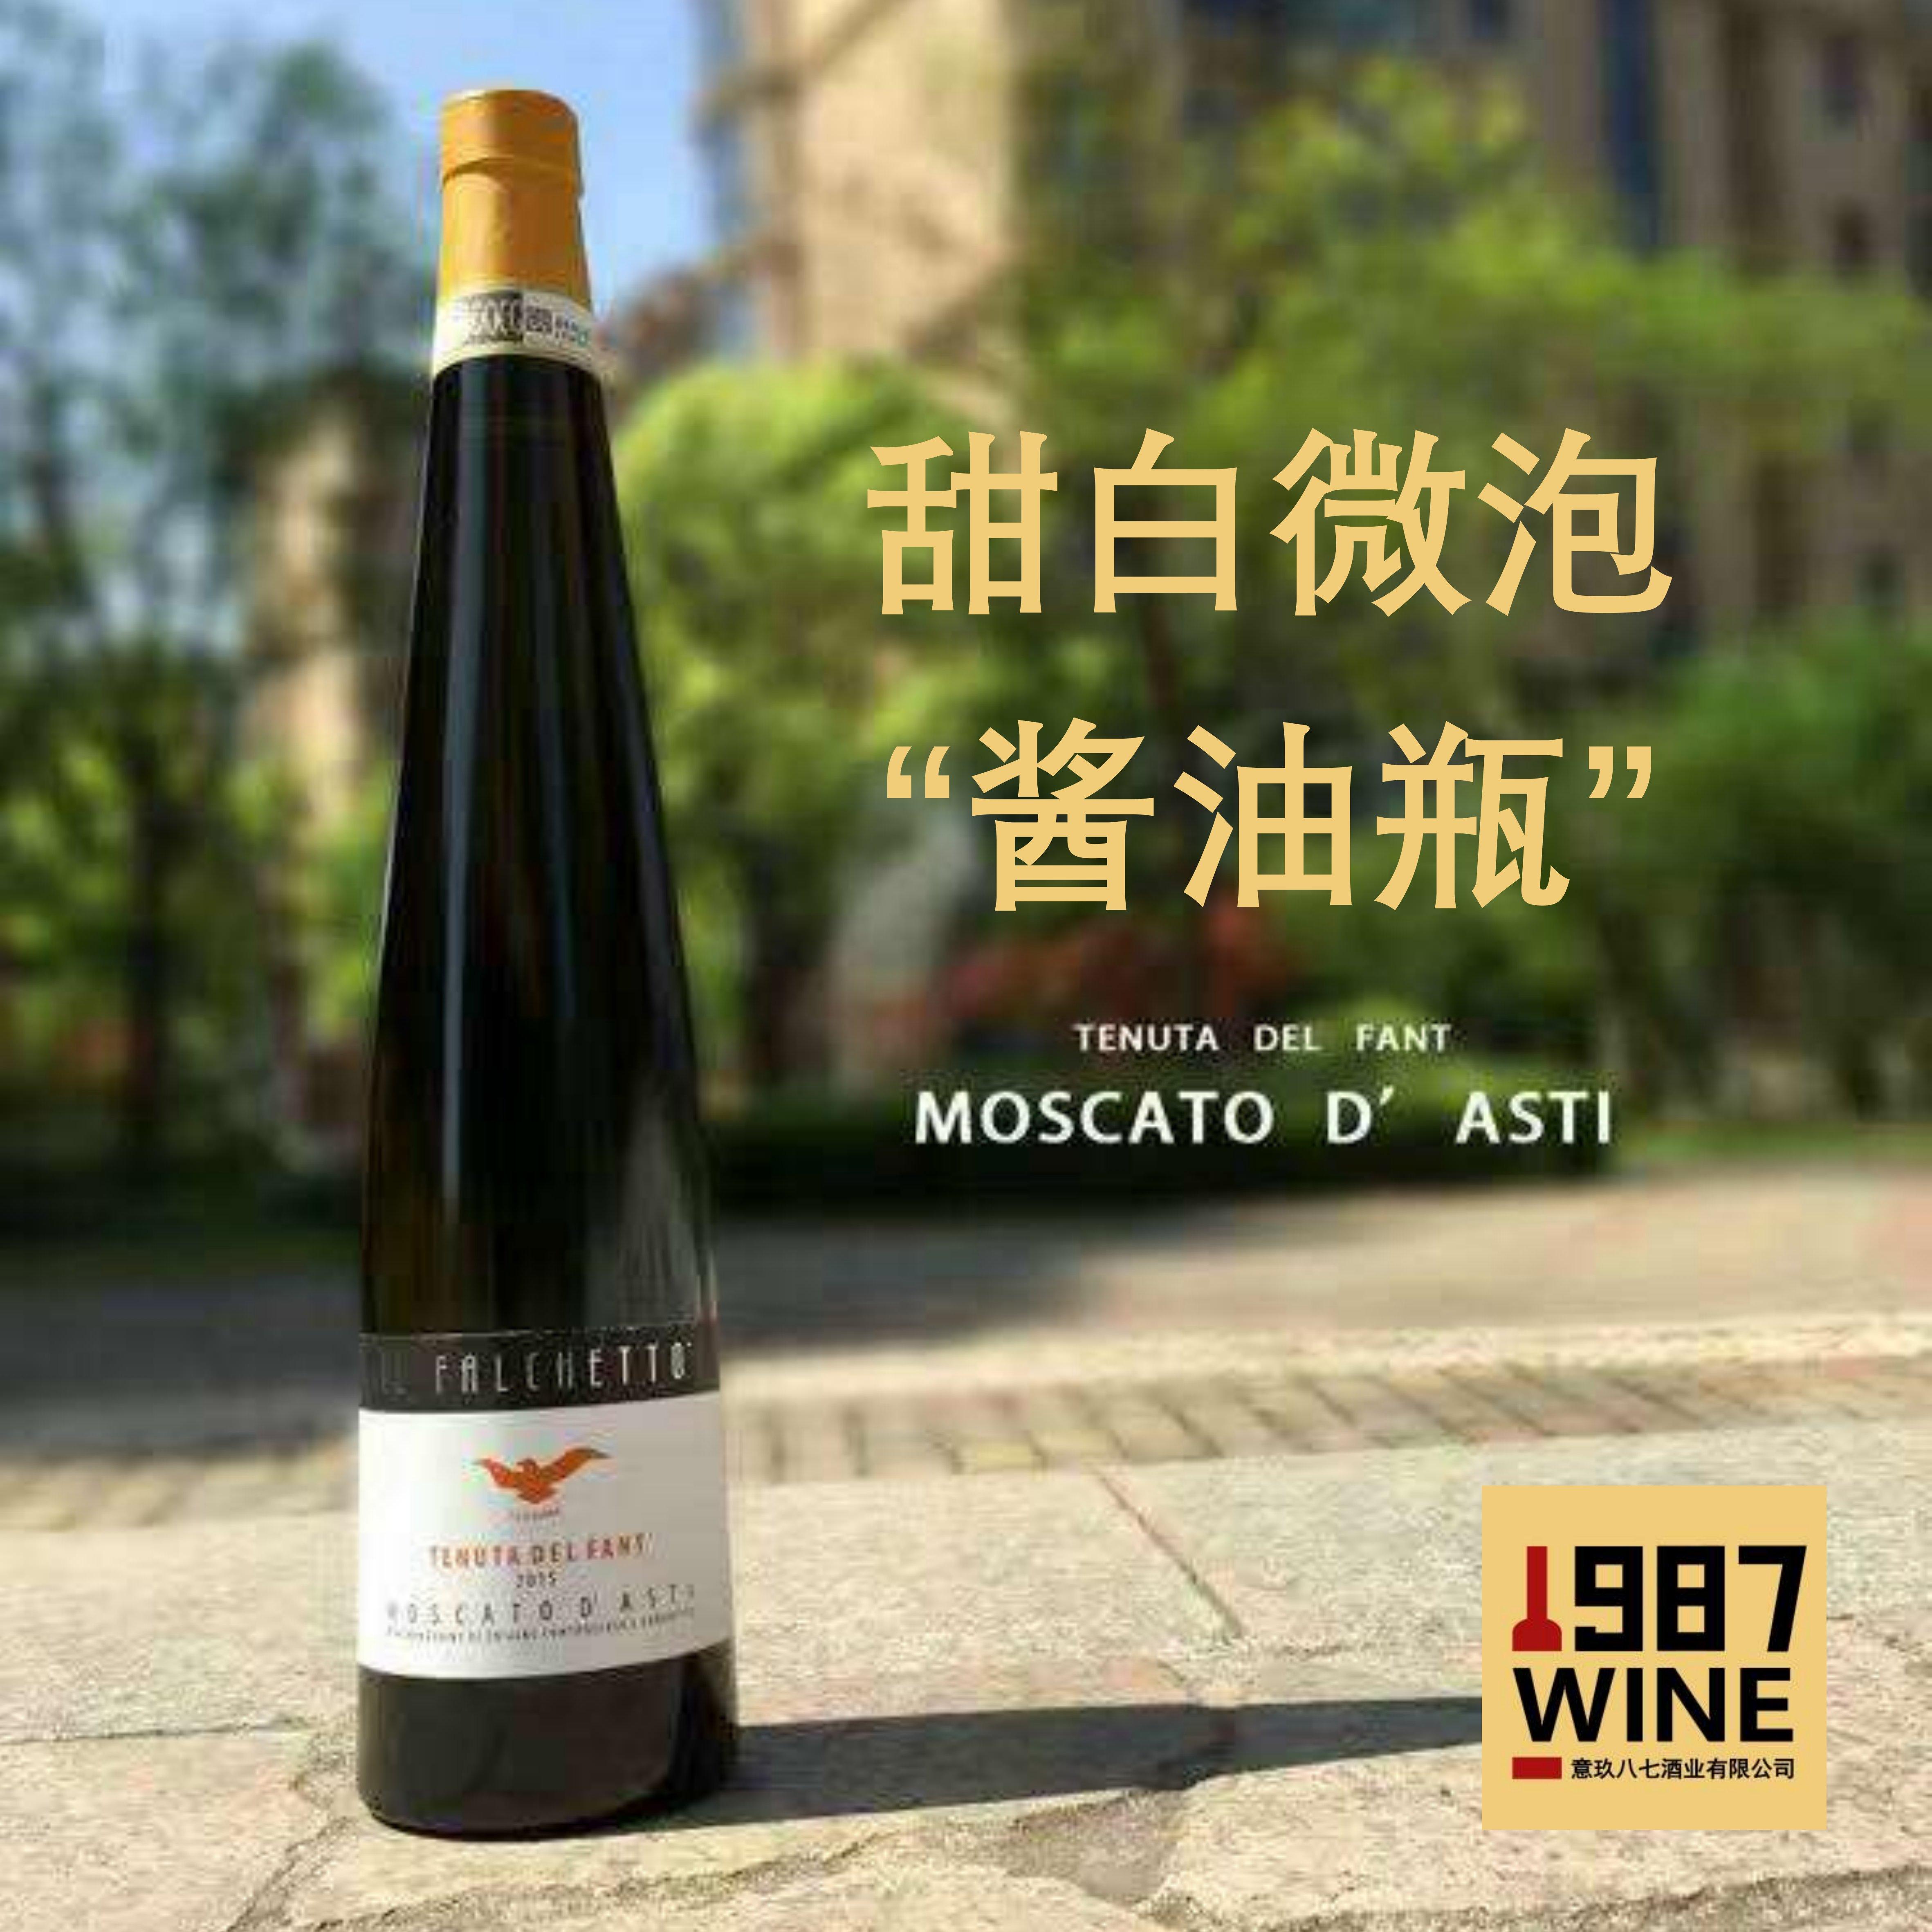 赤いエビ三杯!イタリアのアスティの甘くて白い泡の酒の小鷹の低いアルコールの微泡の甘い白のワイン